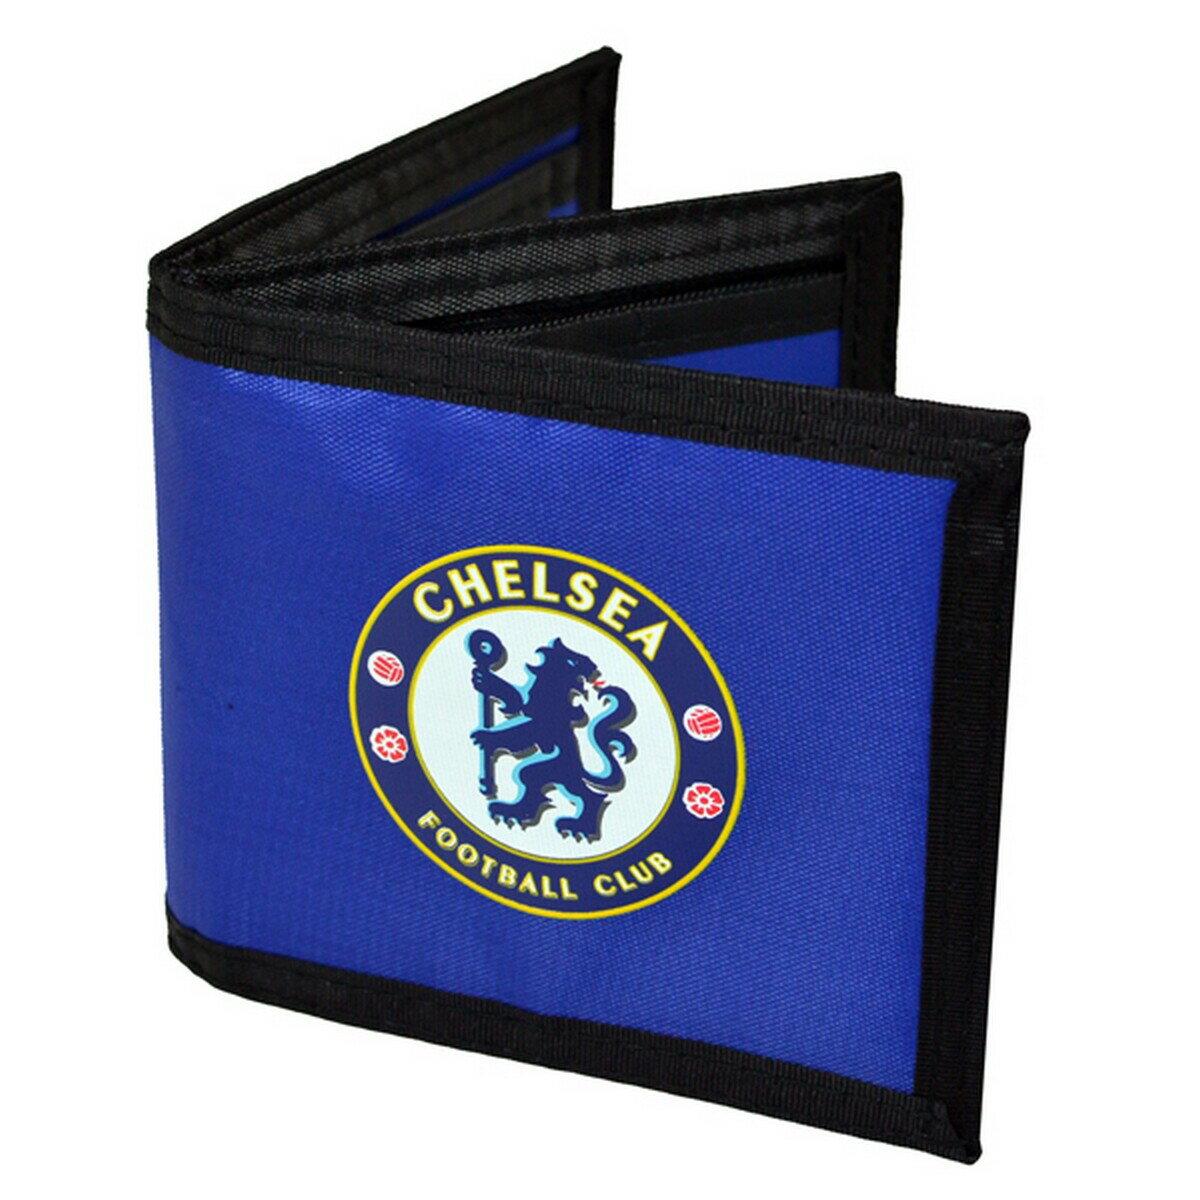 チェルシー フットボールクラブ Chelsea FC オフィシャル商品 ナイロン 財布 ウォレット 【楽天海外直送】